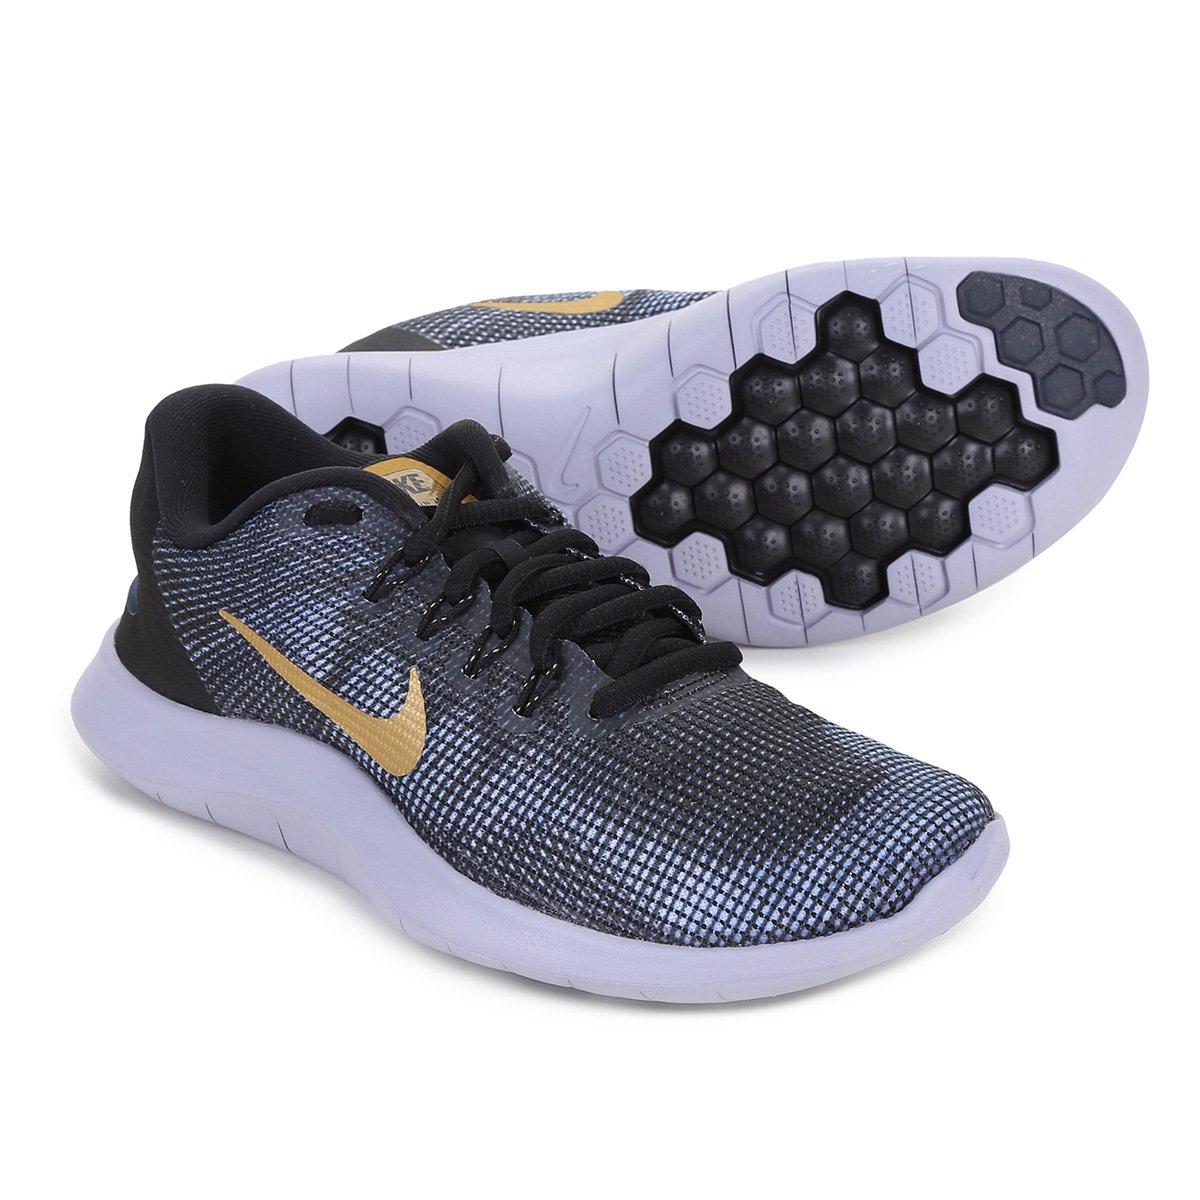 efcea70a0ed Tênis Nike Wmns Flex 2018 Rn Feminino - Preto e Dourado - Compre Agora